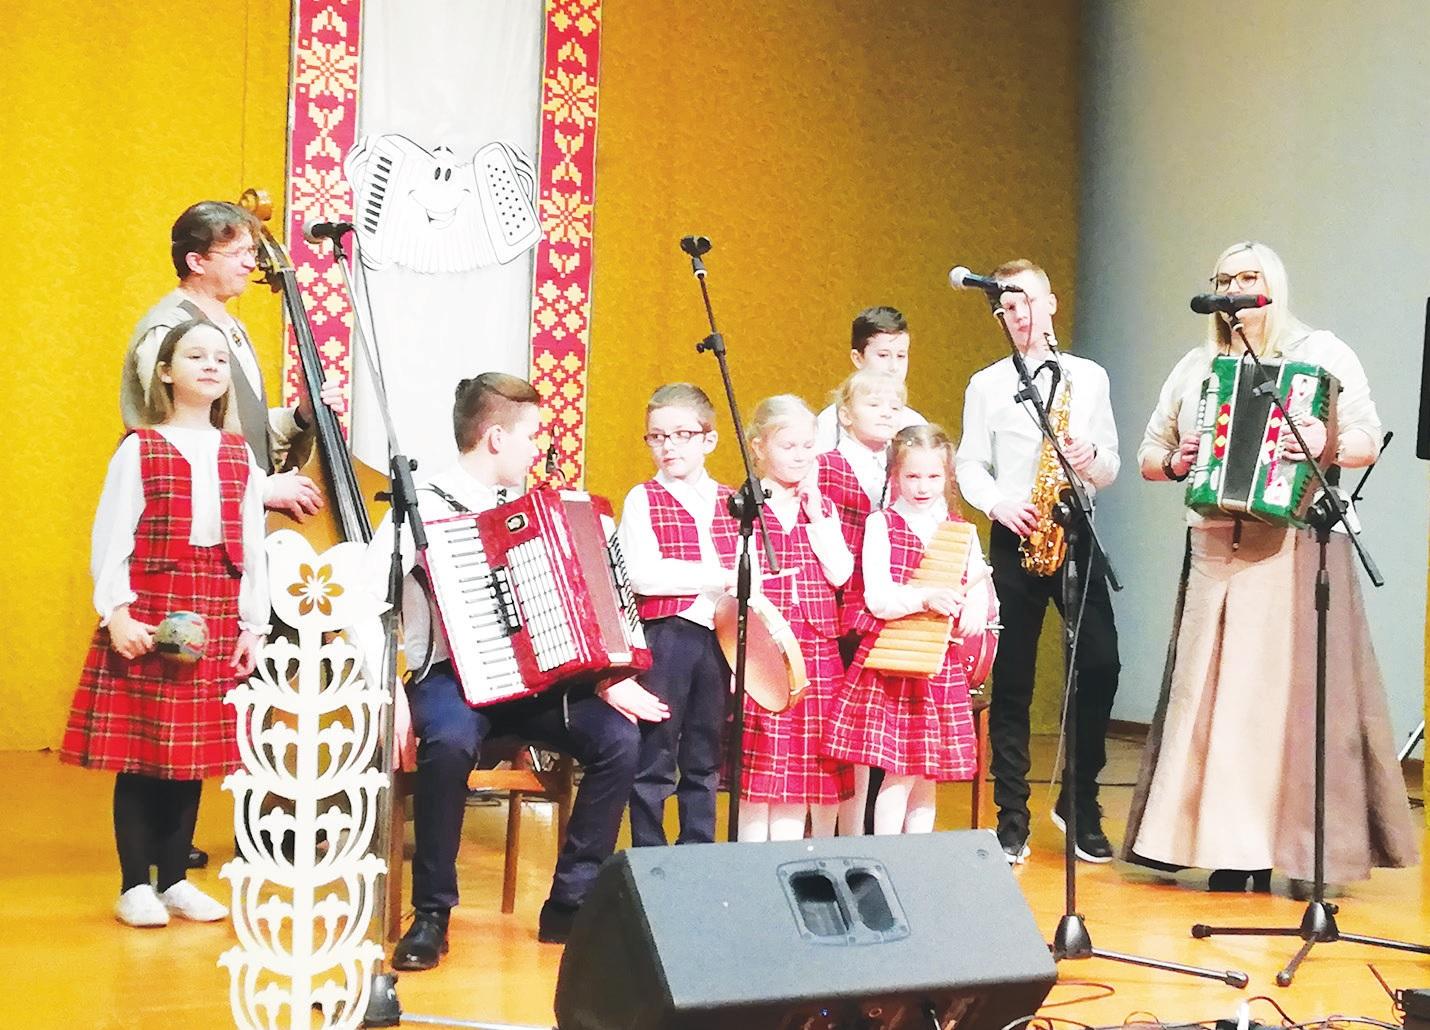 Labūnavos pagrindinės mokyklos pirmokėlių ir penktokų kapelytė, vadovaujama mokytojos metodininkės Jurgitos Vaitiekūnienės. Linksmu šokiu ir muzikavimu jaunieji labūnaviečiai pradėjo kapelų šventę.